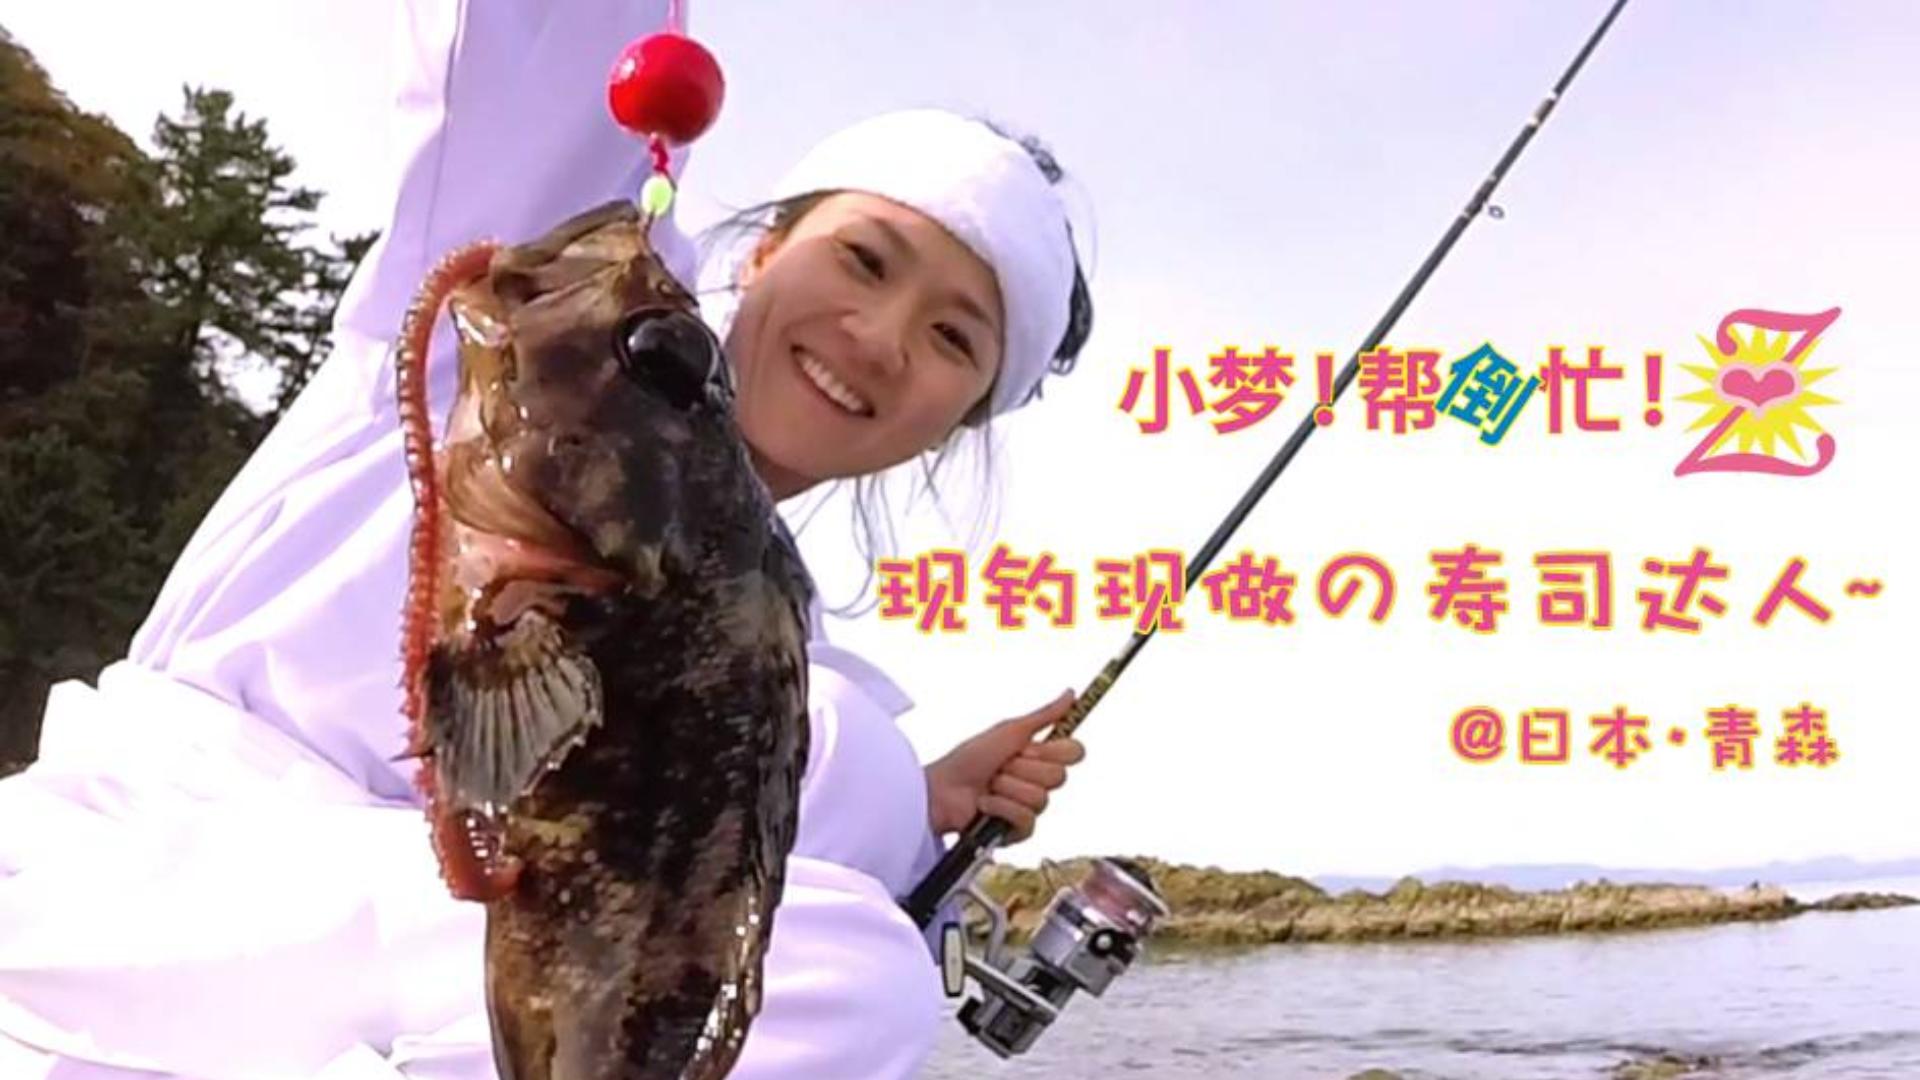 小梦吃世界第一新鲜寿司自己钓鱼然后马上做新鲜寿司啦~!味道很不一样哦~